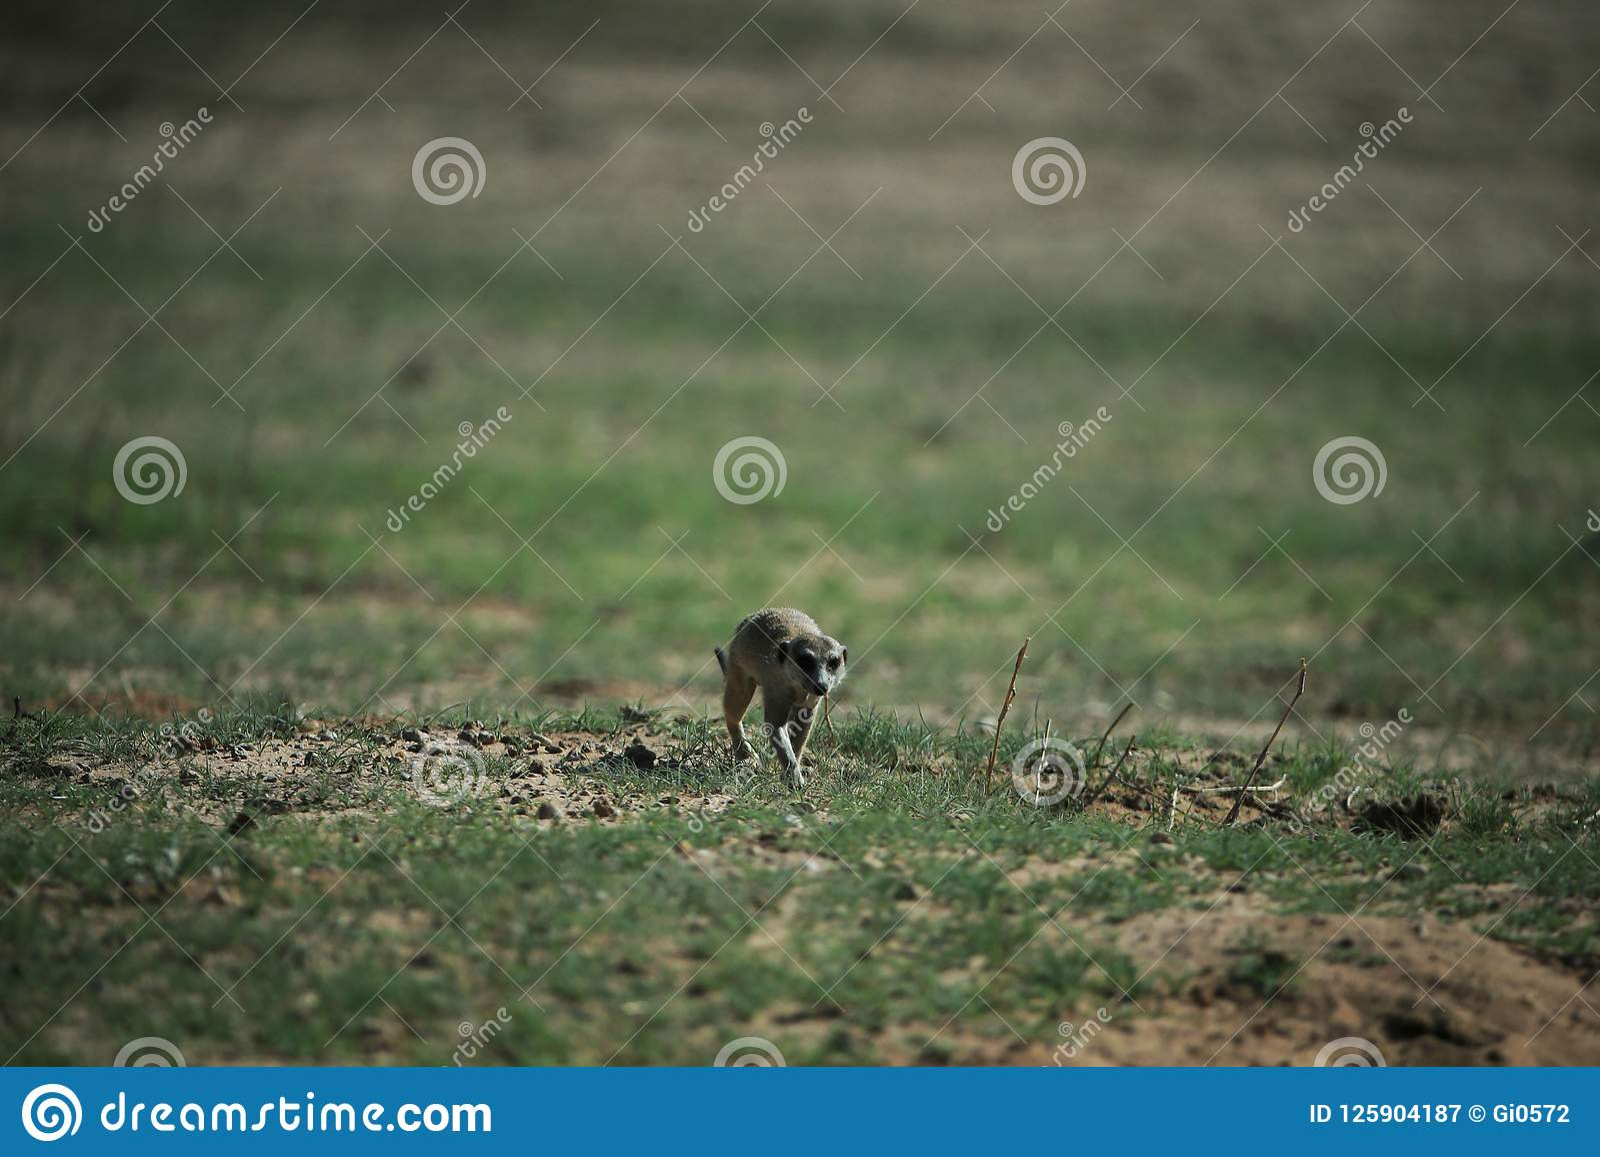 Meerkat in savannah in Namibia